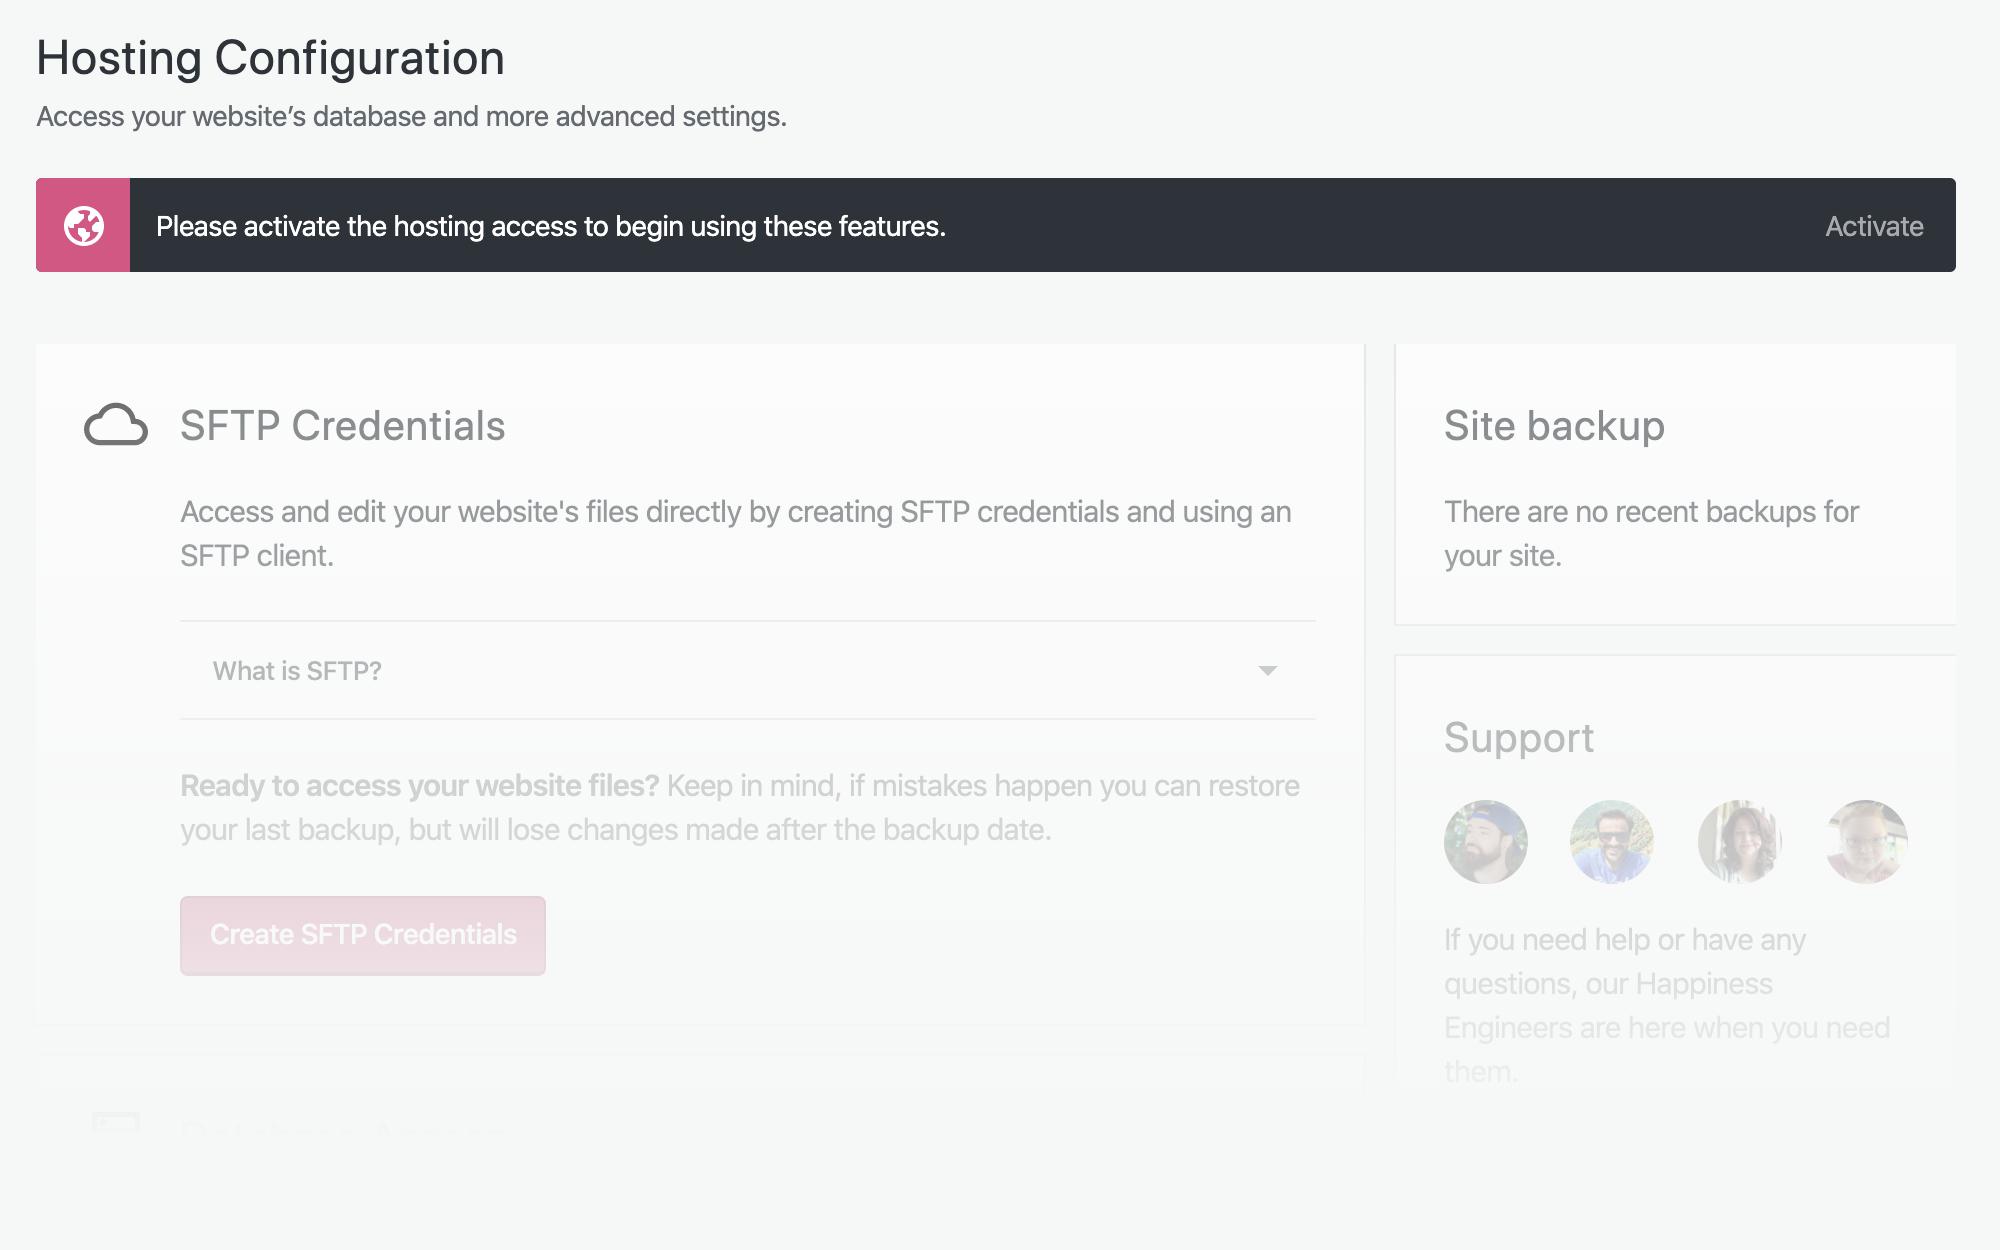 Uma captura de tela da página Configuração de hospedagem com um aviso para ativar o acesso à hospedagem para começar a usar essas funcionalidades.